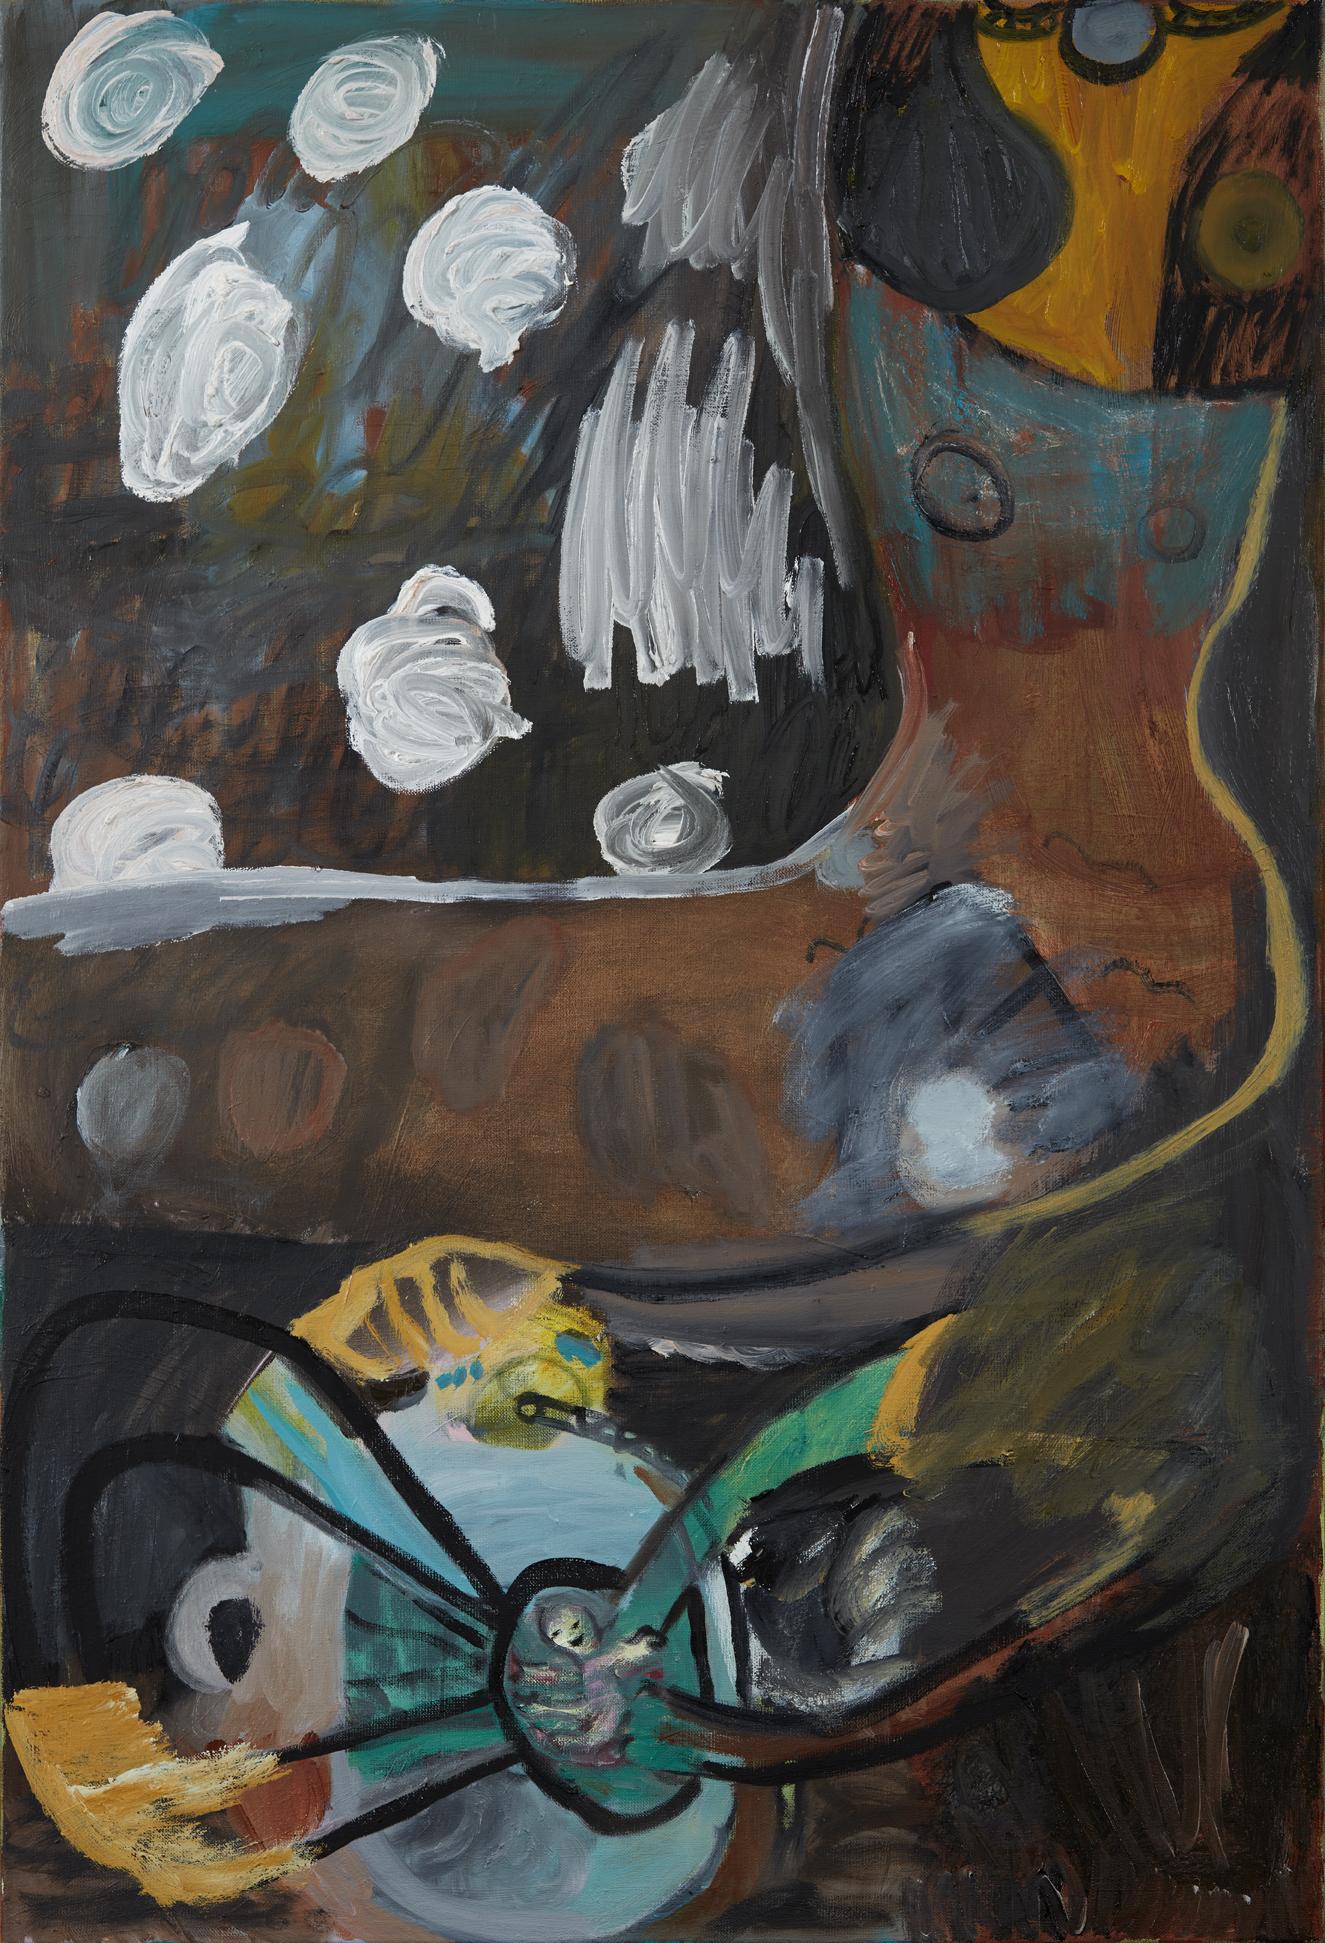 Maria Wæhrens. UD AF MOR (the gift), 2017. Oil on canvas. 120 cm. x 80 cm.